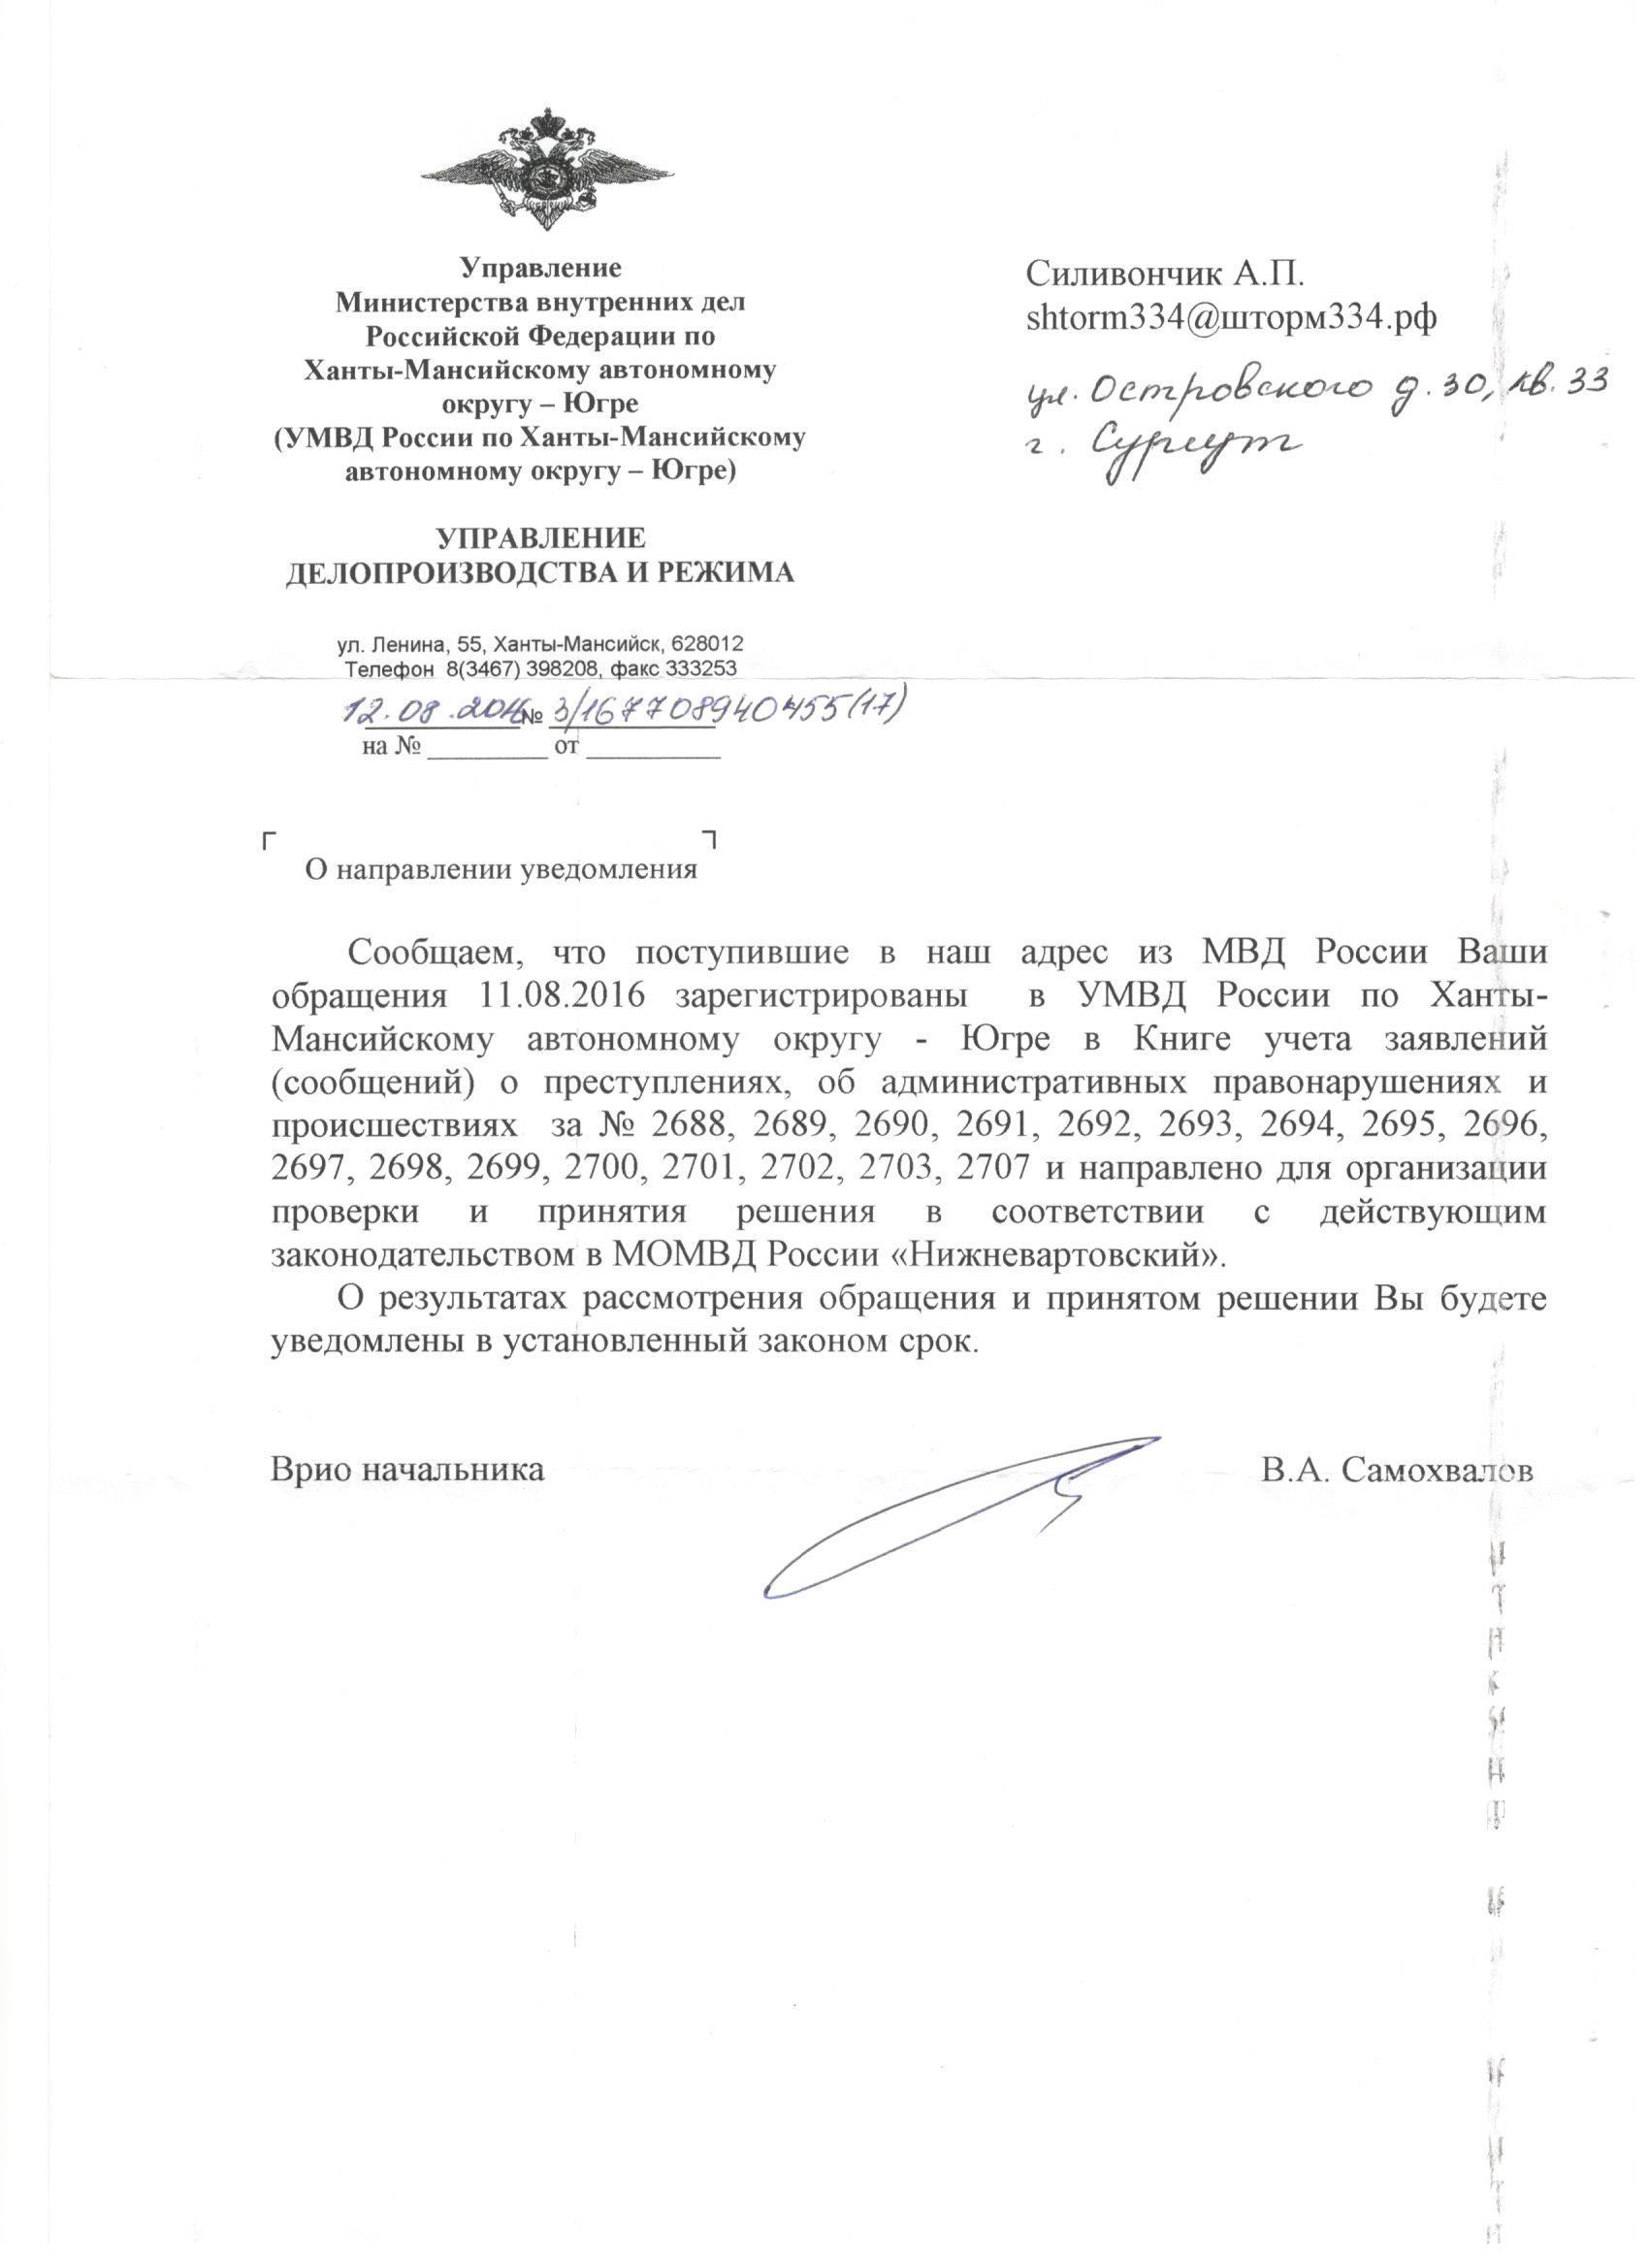 Уведомление от 12.08.2016 об обращениях в МВД РФ_2